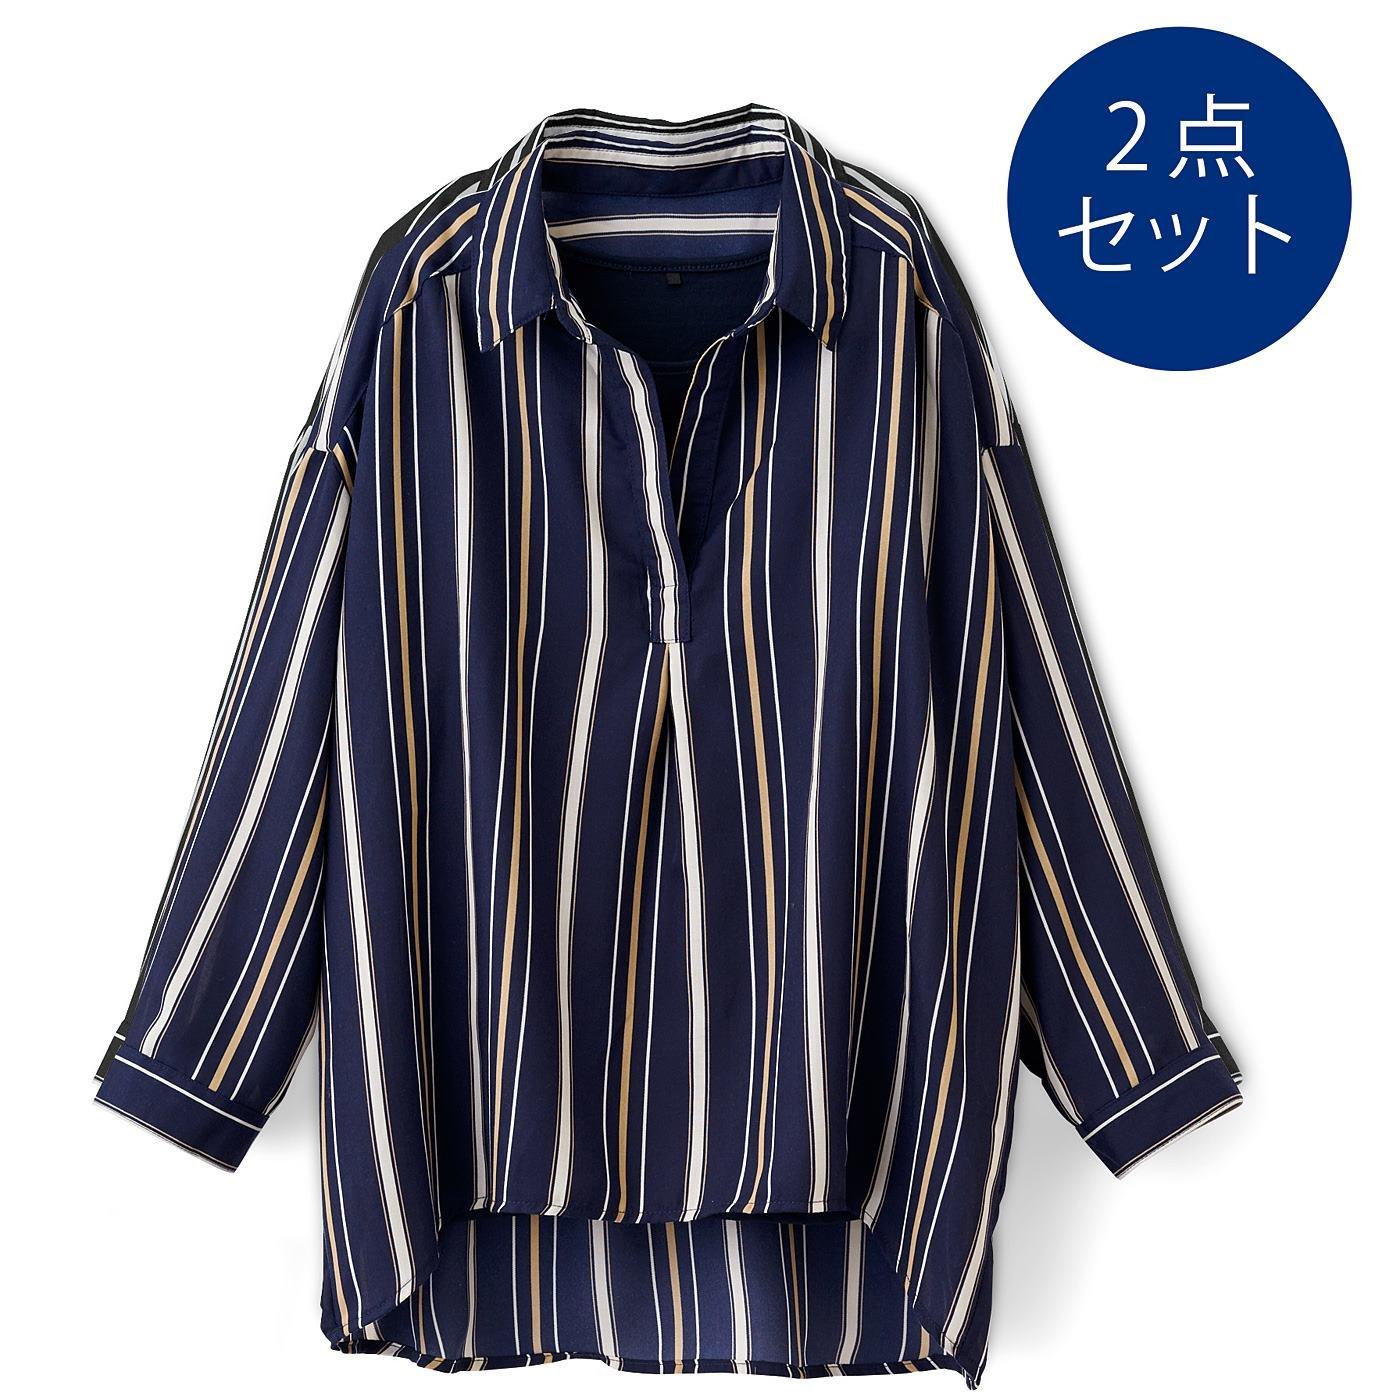 DRECOバイヤーズセレクト マルチストライプのたゆんとスキッパーシャツとTシャツのセット〈ネイビー〉